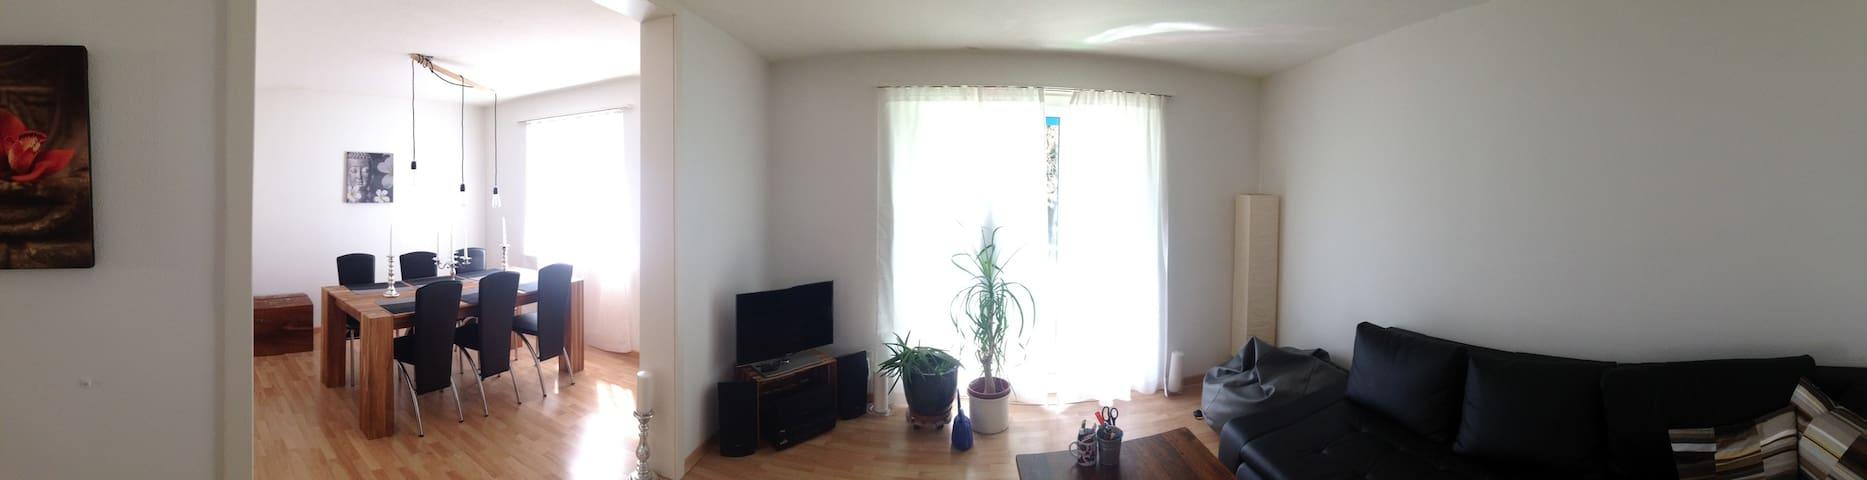 3.5 room appartment in Baar - Baar - Leilighet